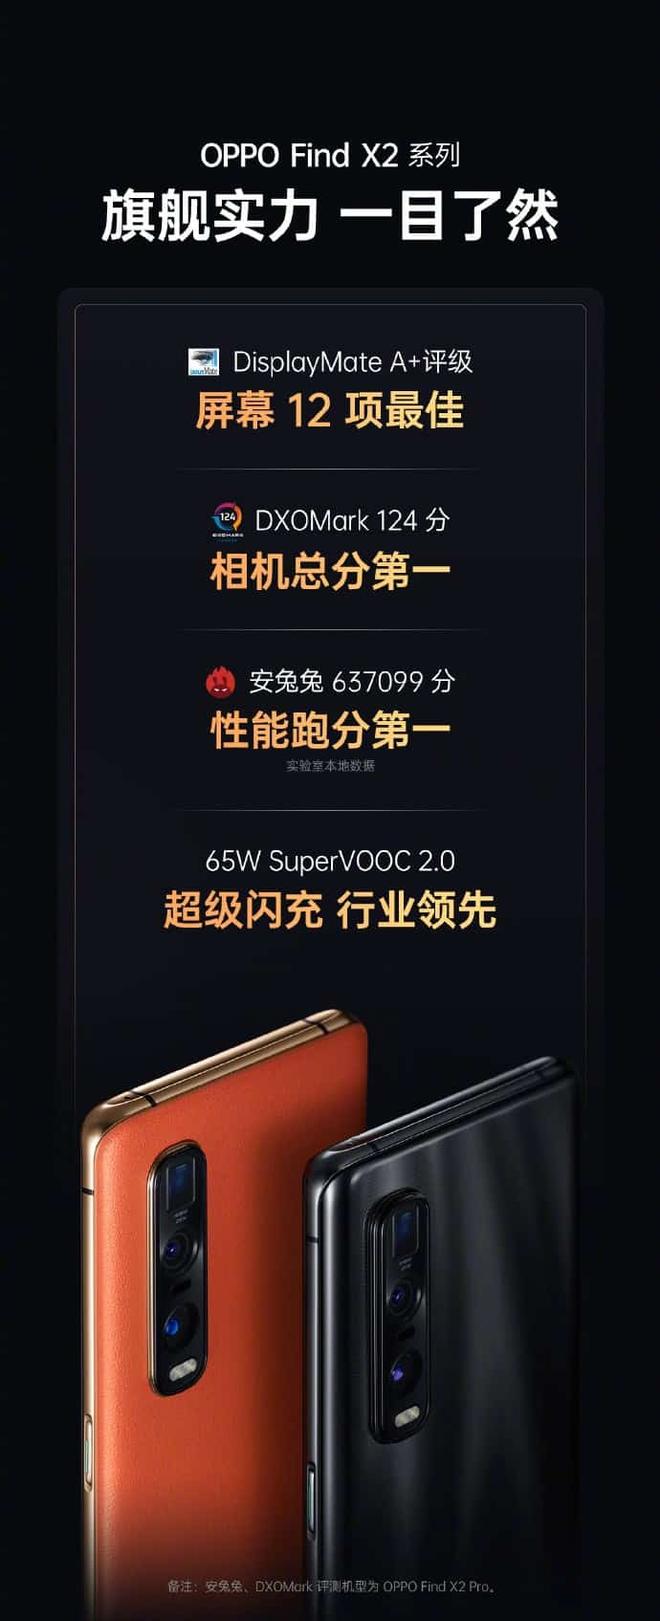 Oppo Find X2 Pro phá vỡ kỷ lục hiệu năng với 637.099 điểm - Ảnh 2.